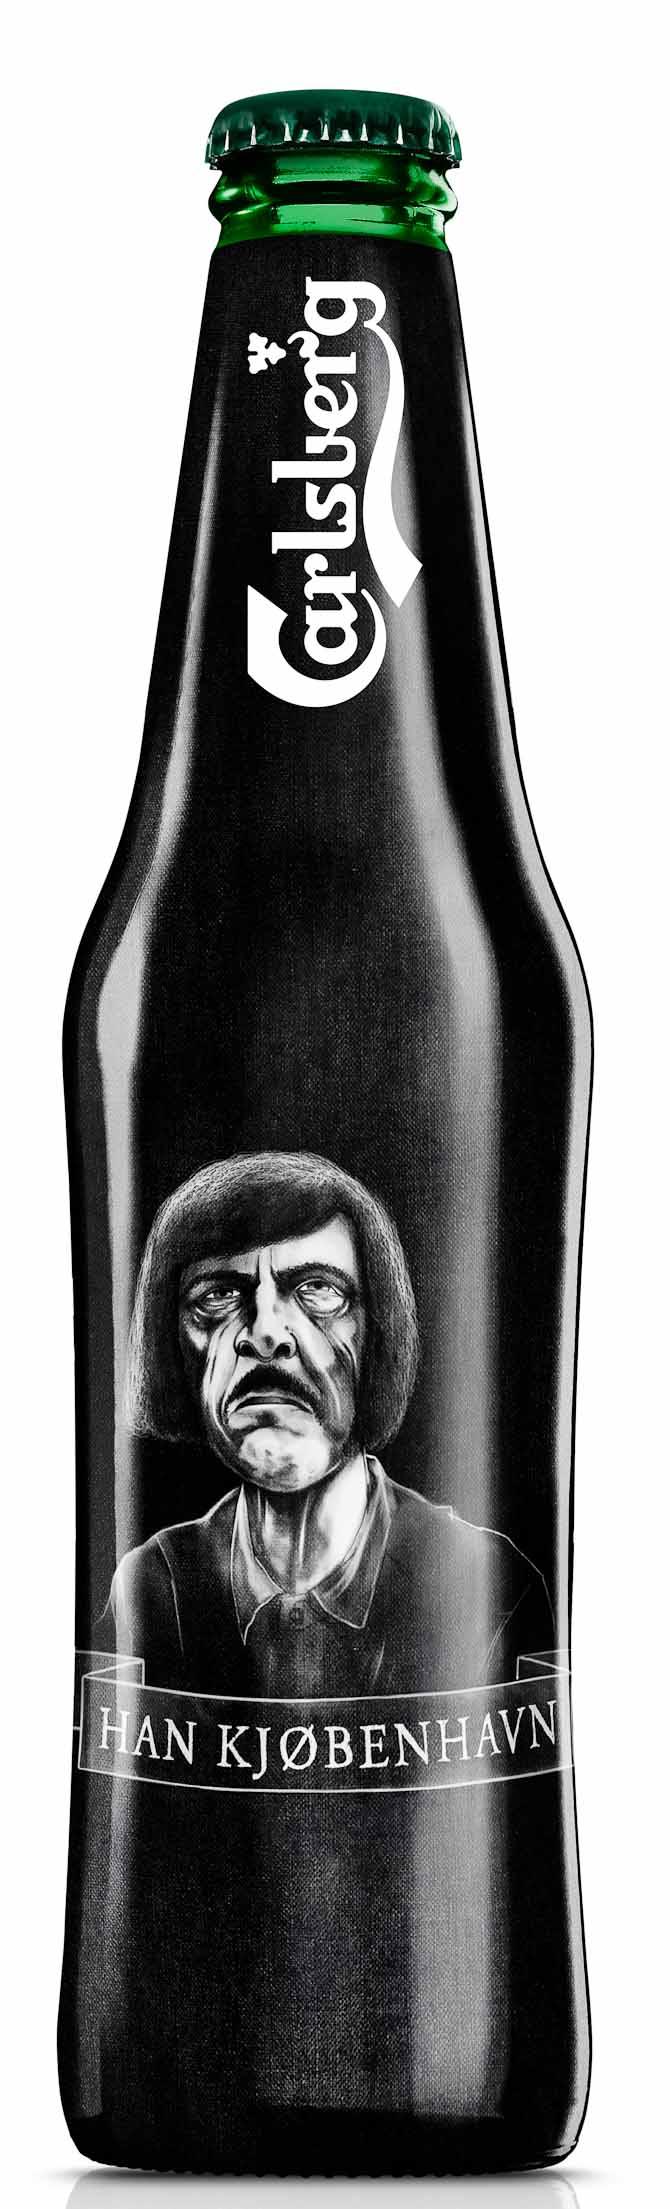 Navnet er Carlsberg Stand Out - og således kommer den første flaske til at tage sig ud.